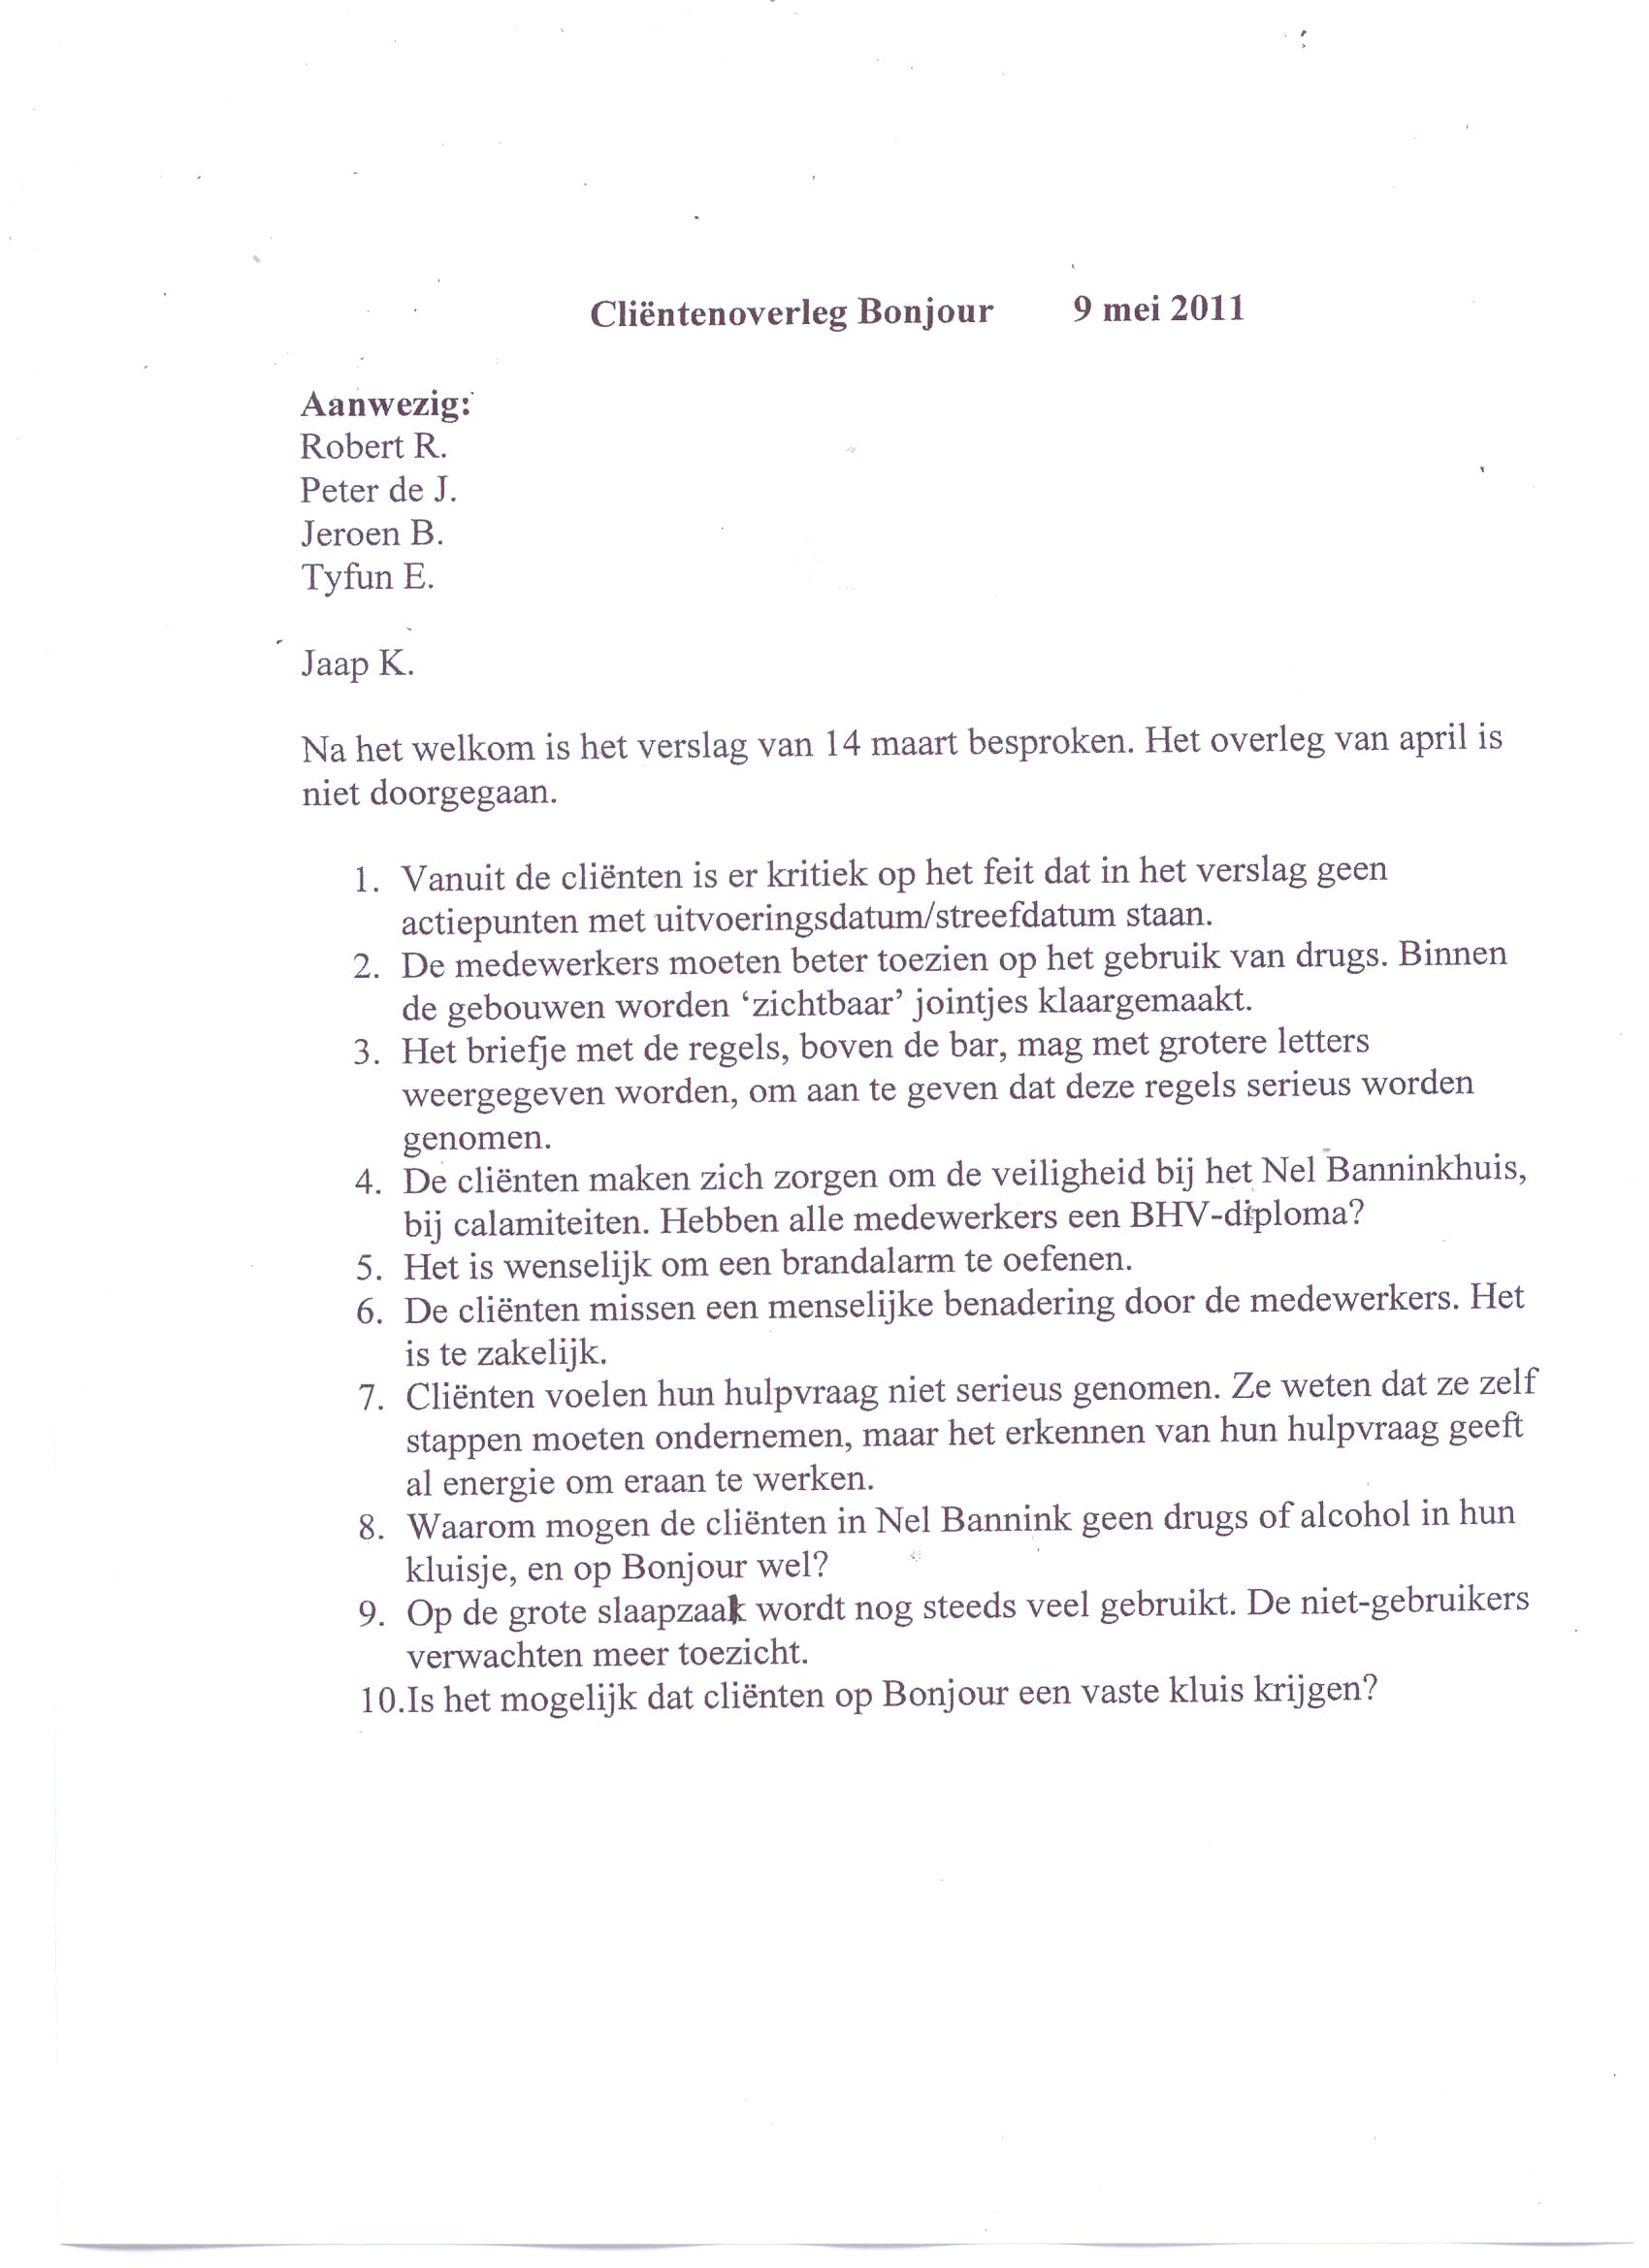 voorbeeld klachtenbrief gemeente Voorbeeld Klachtenbrief Gemeente | gantinova